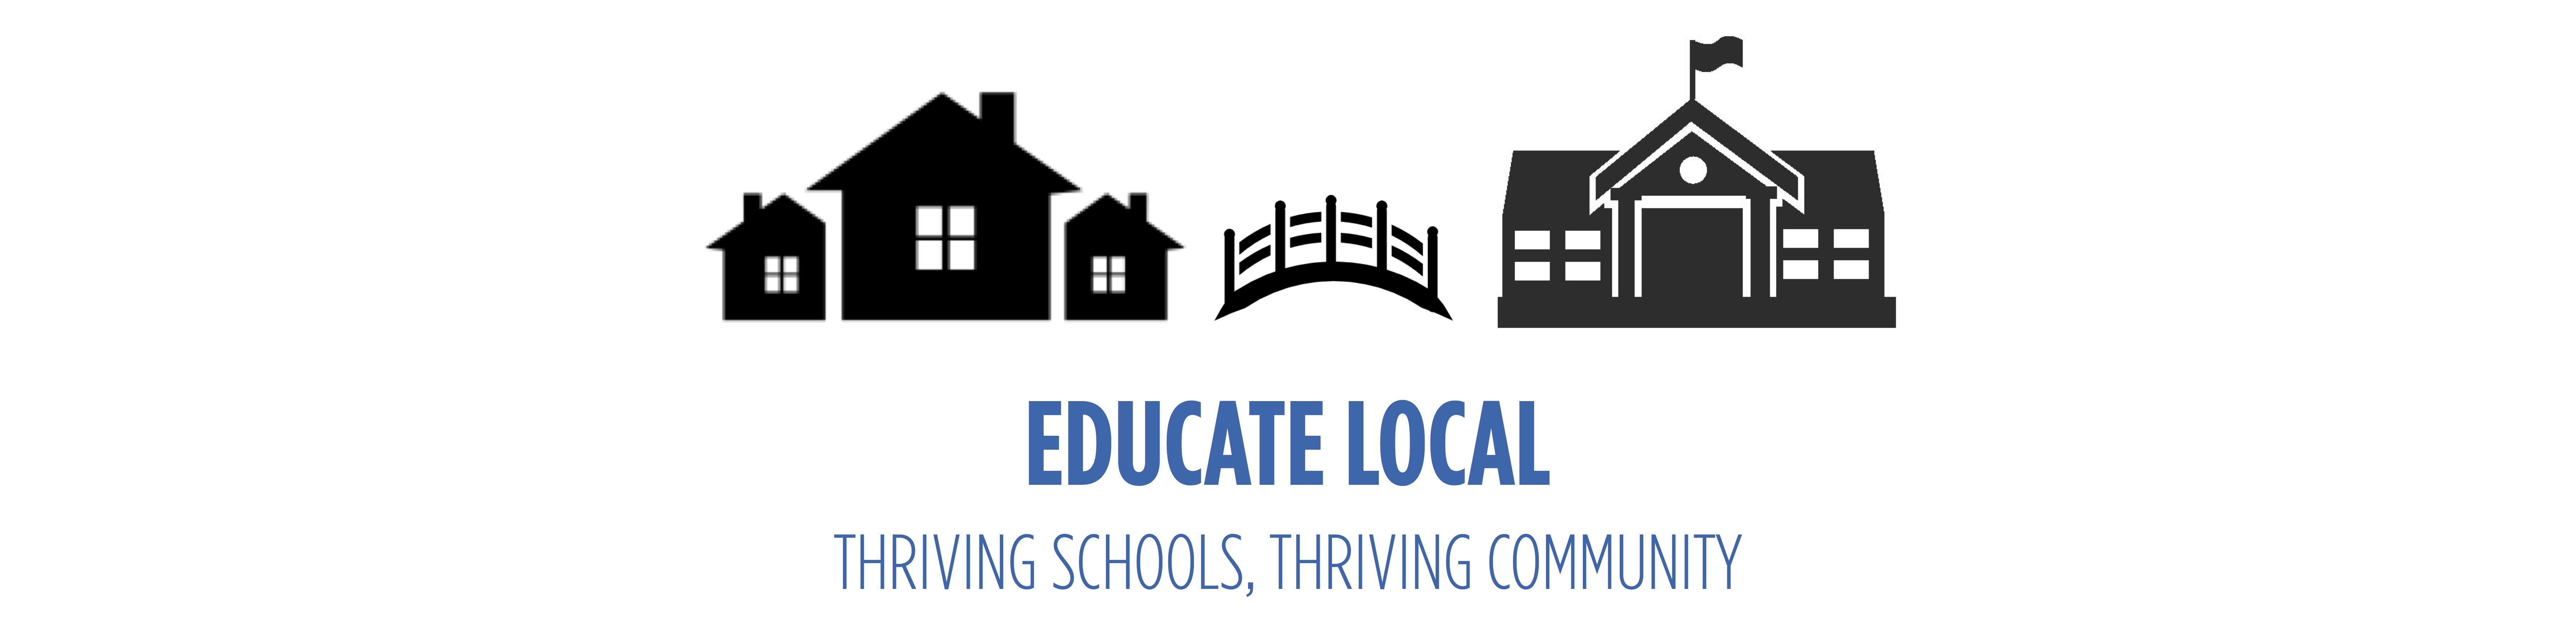 Educate-Local-1